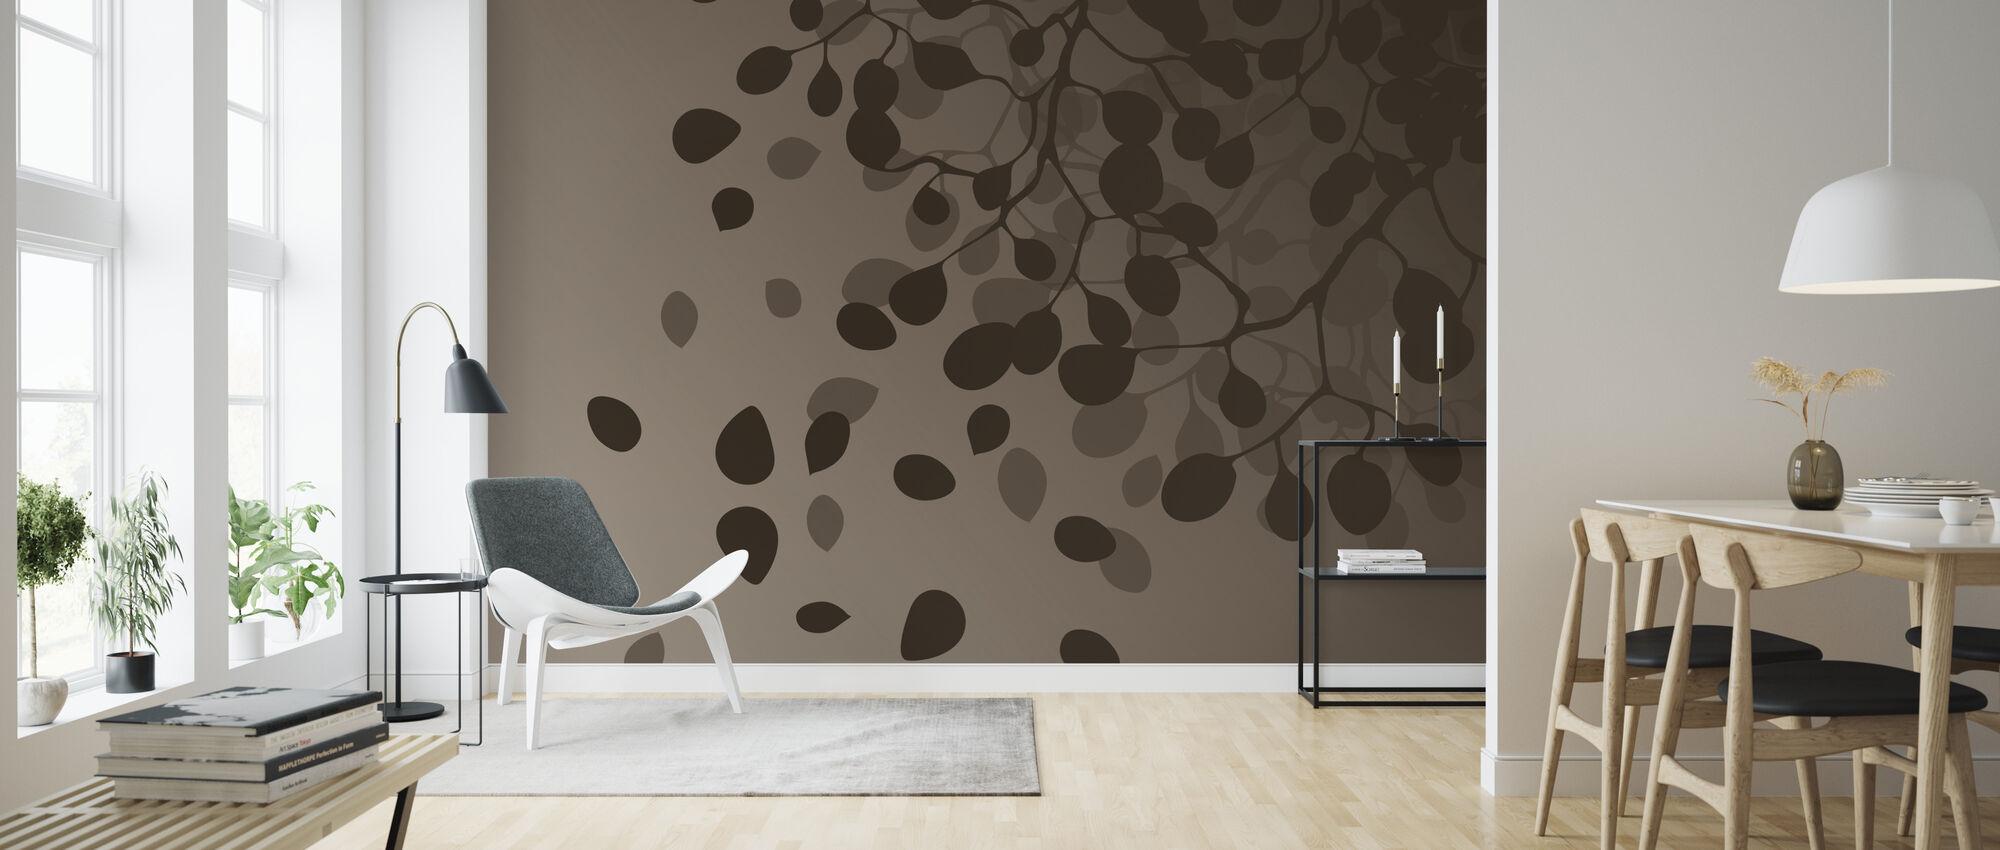 Birch - Fall - Wallpaper - Living Room